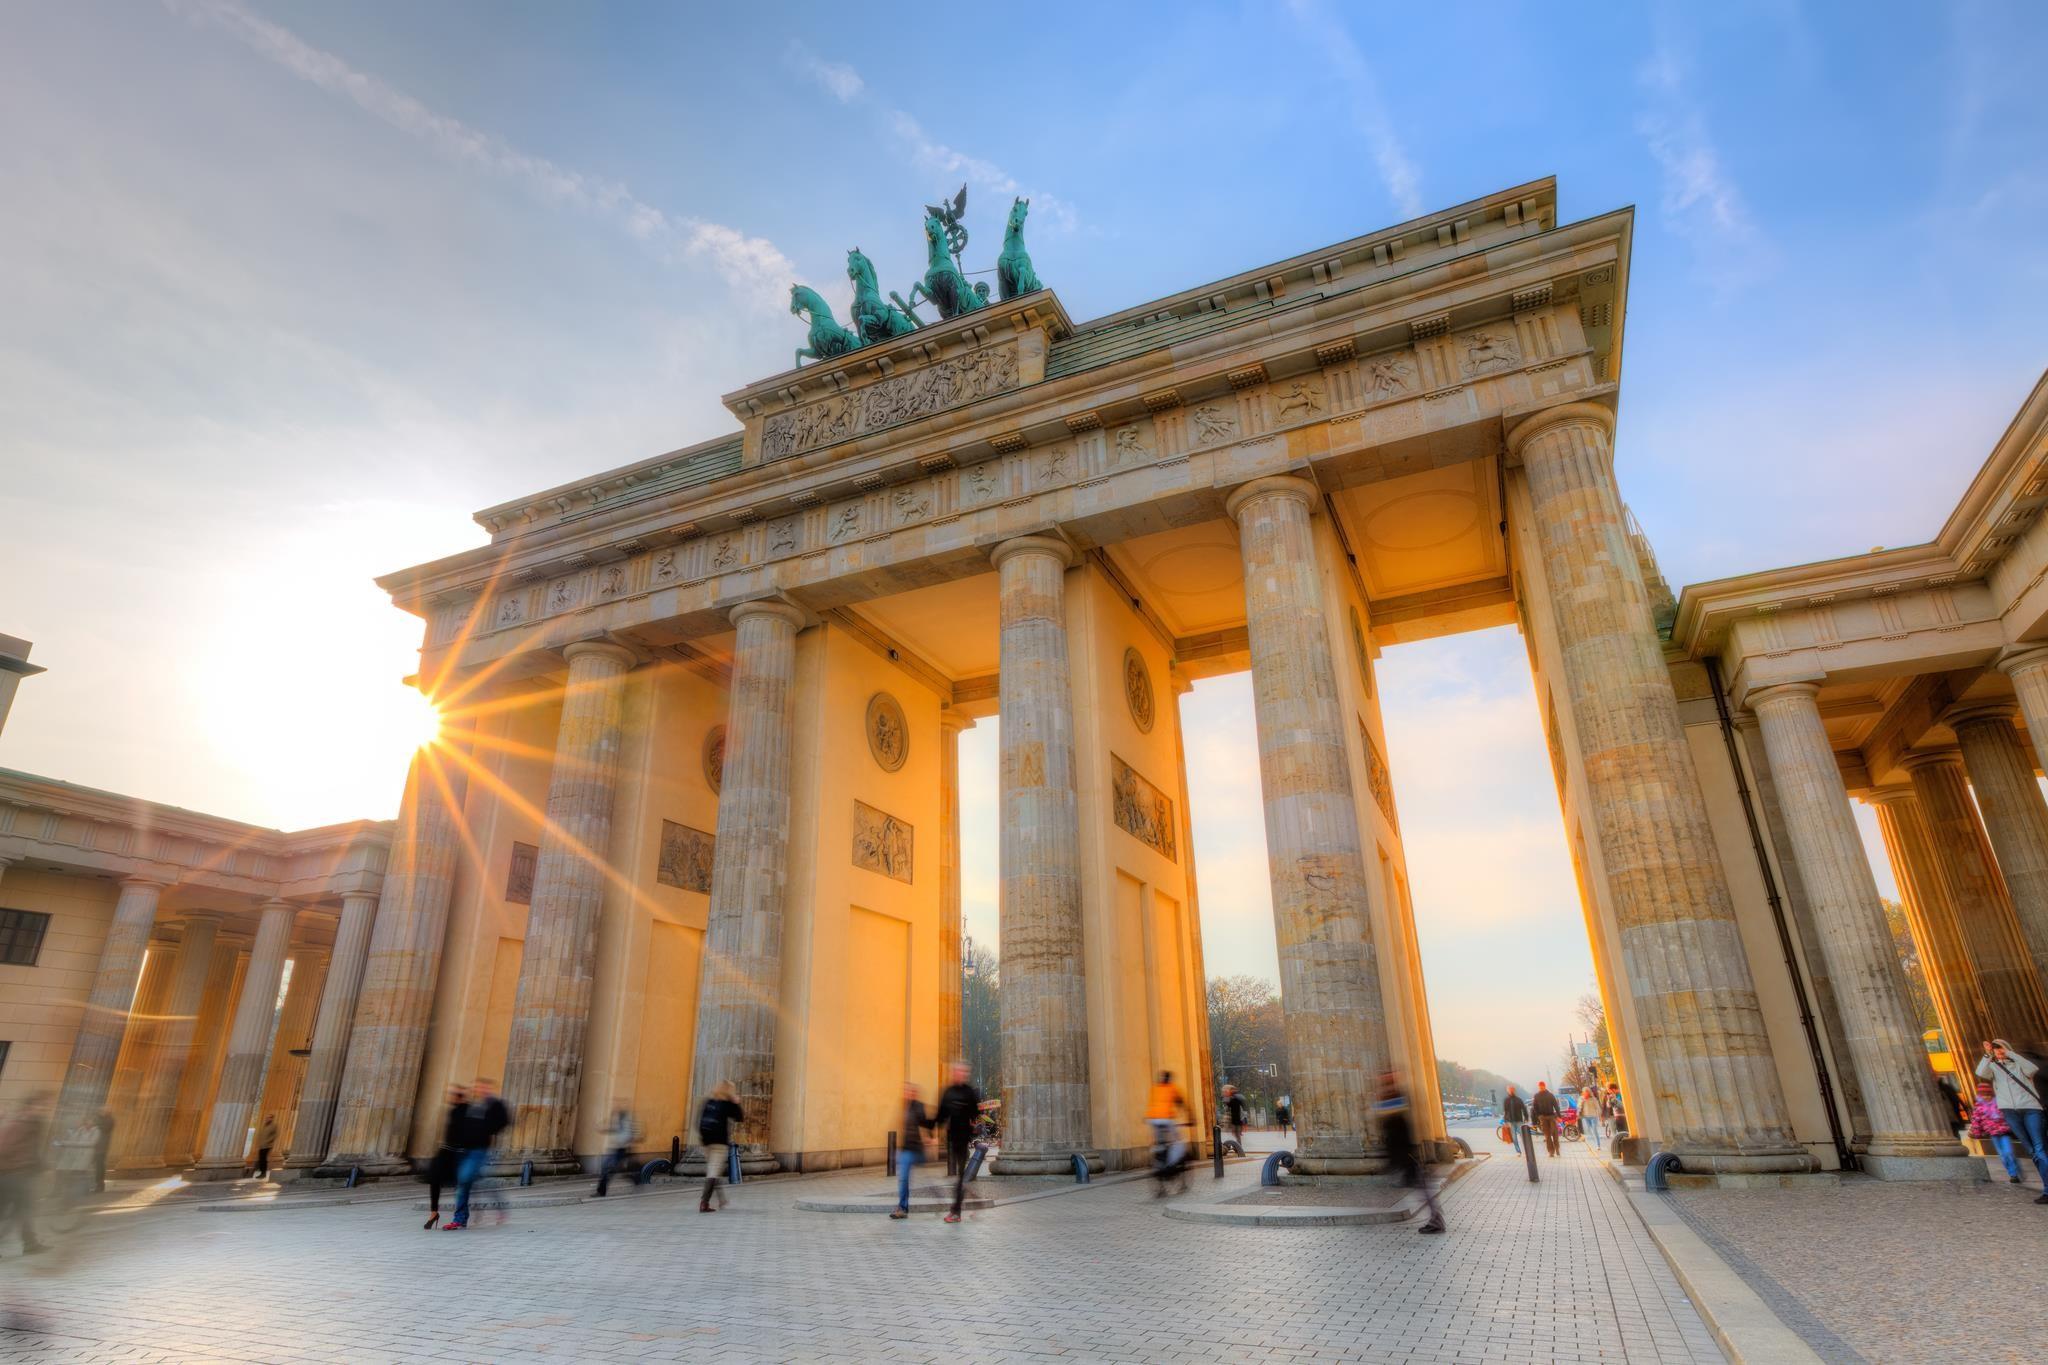 Brandenburg Gate Wallpaper 8   2048 X 1365 stmednet 2048x1365